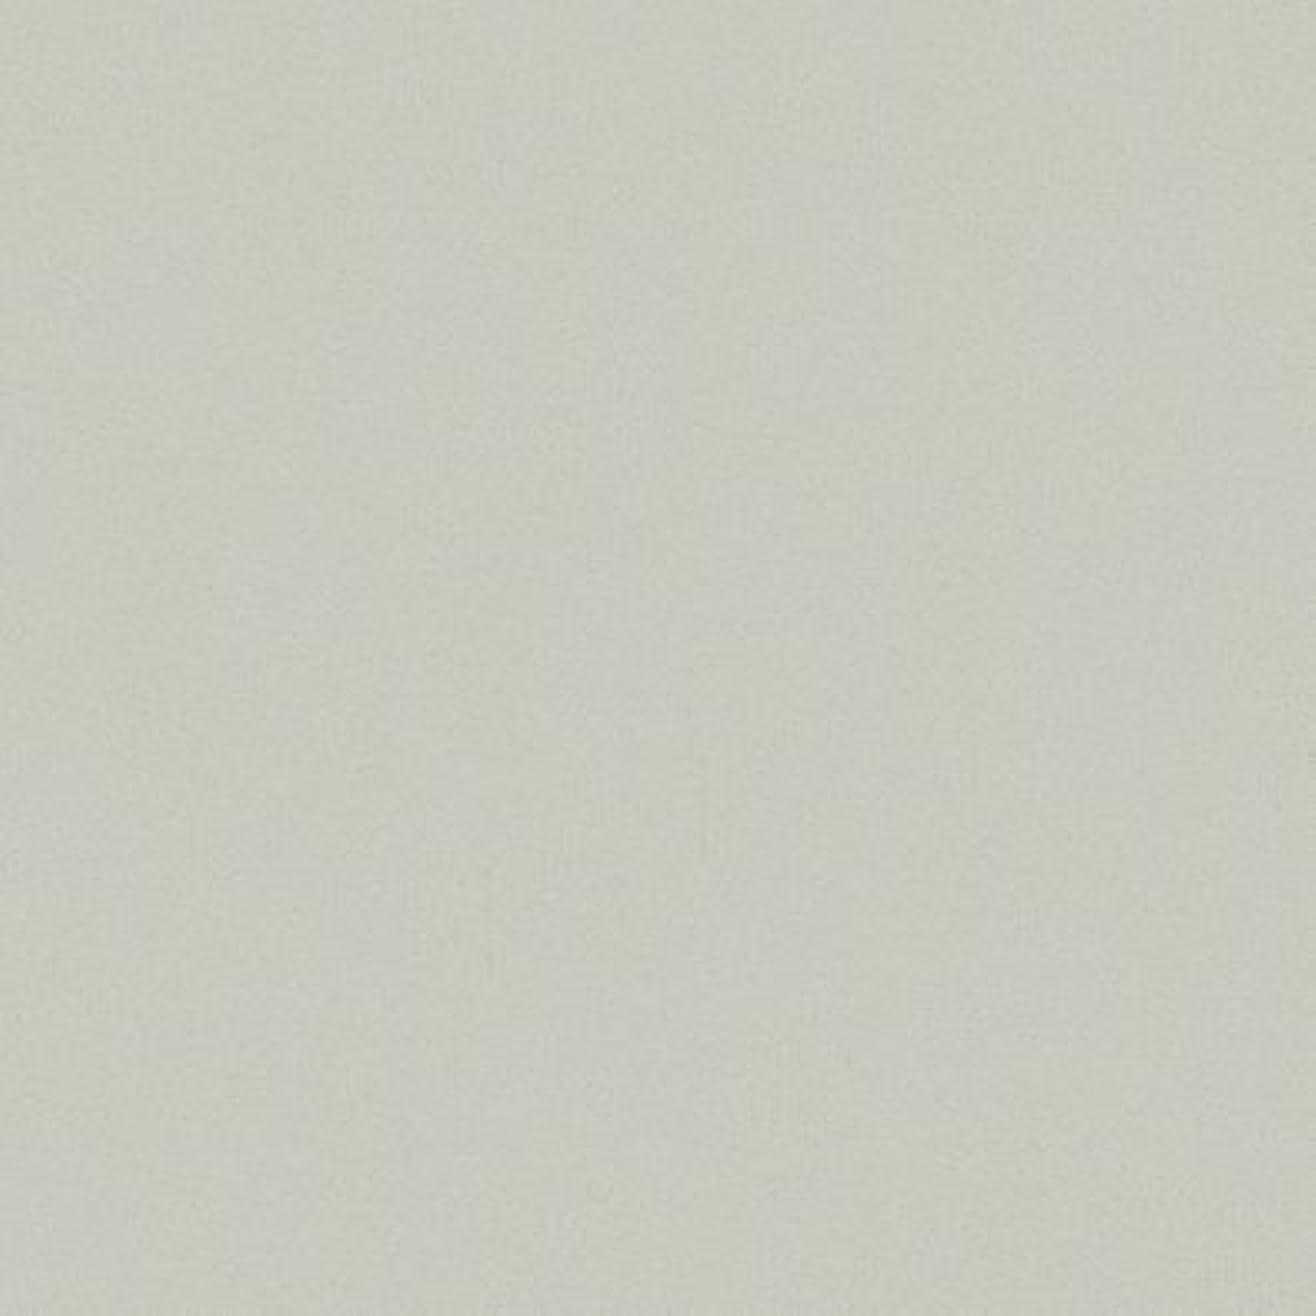 ほうき旅行ムスタチオポリエステル化粧合板 カラーフィットポリ RK-6113 3x6 表面エンボス(梨地)仕上